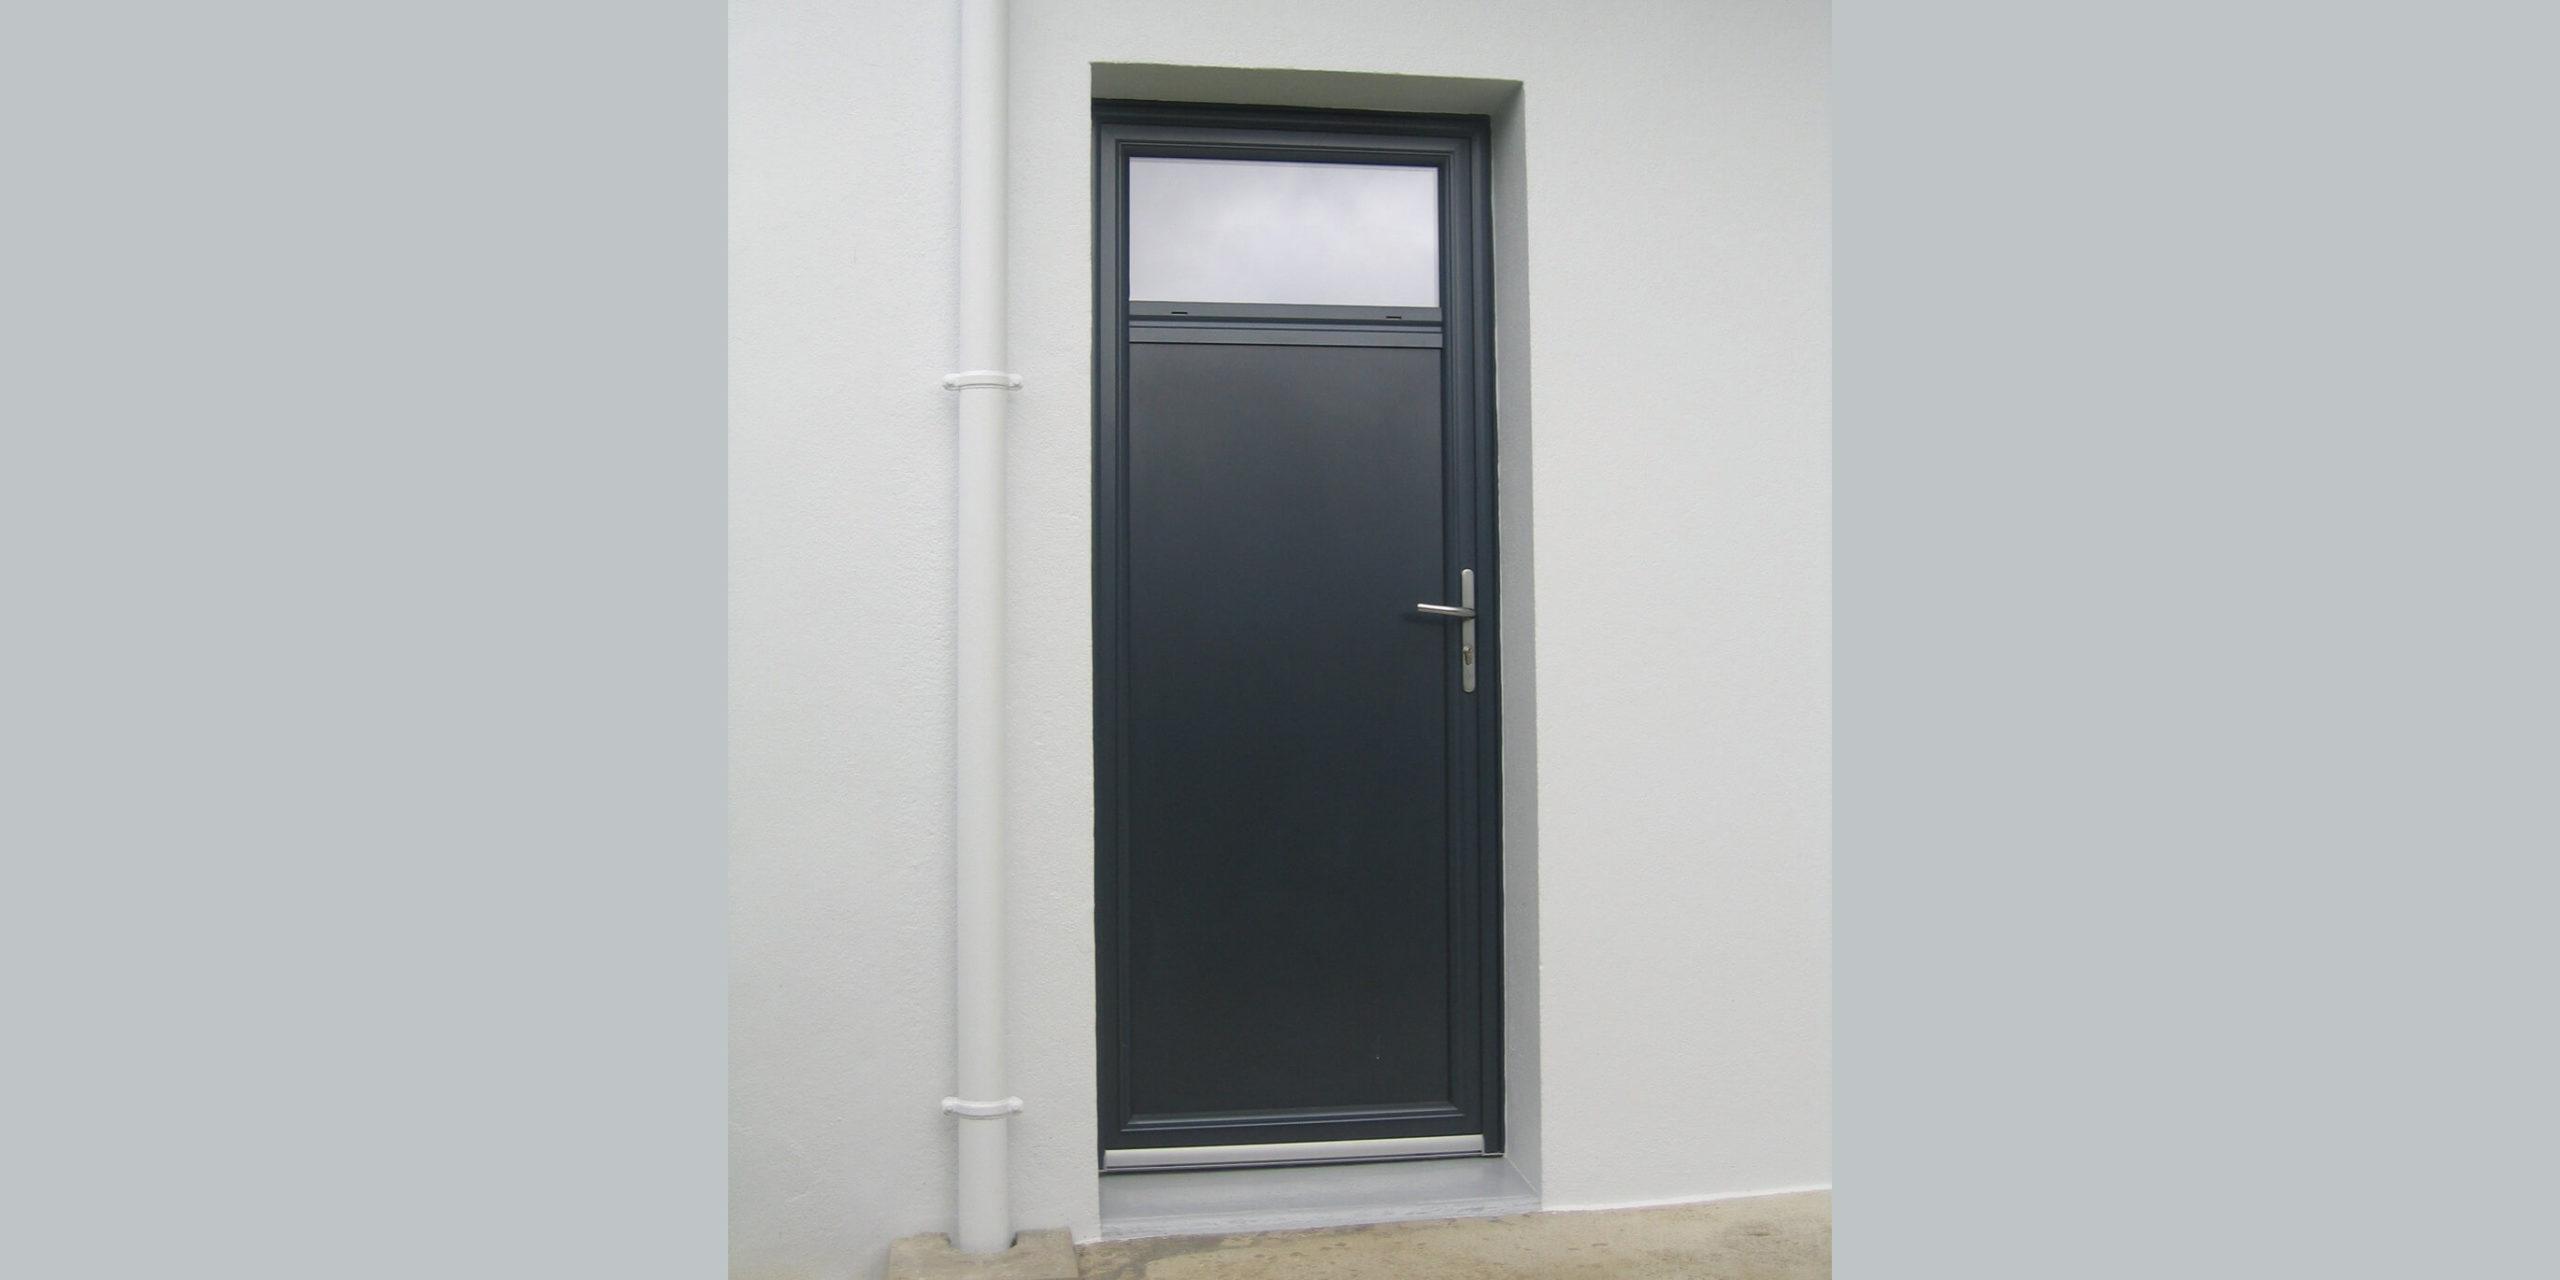 Porte de service Morbihan : équipez vos maisons et entreprises d'une porte de service